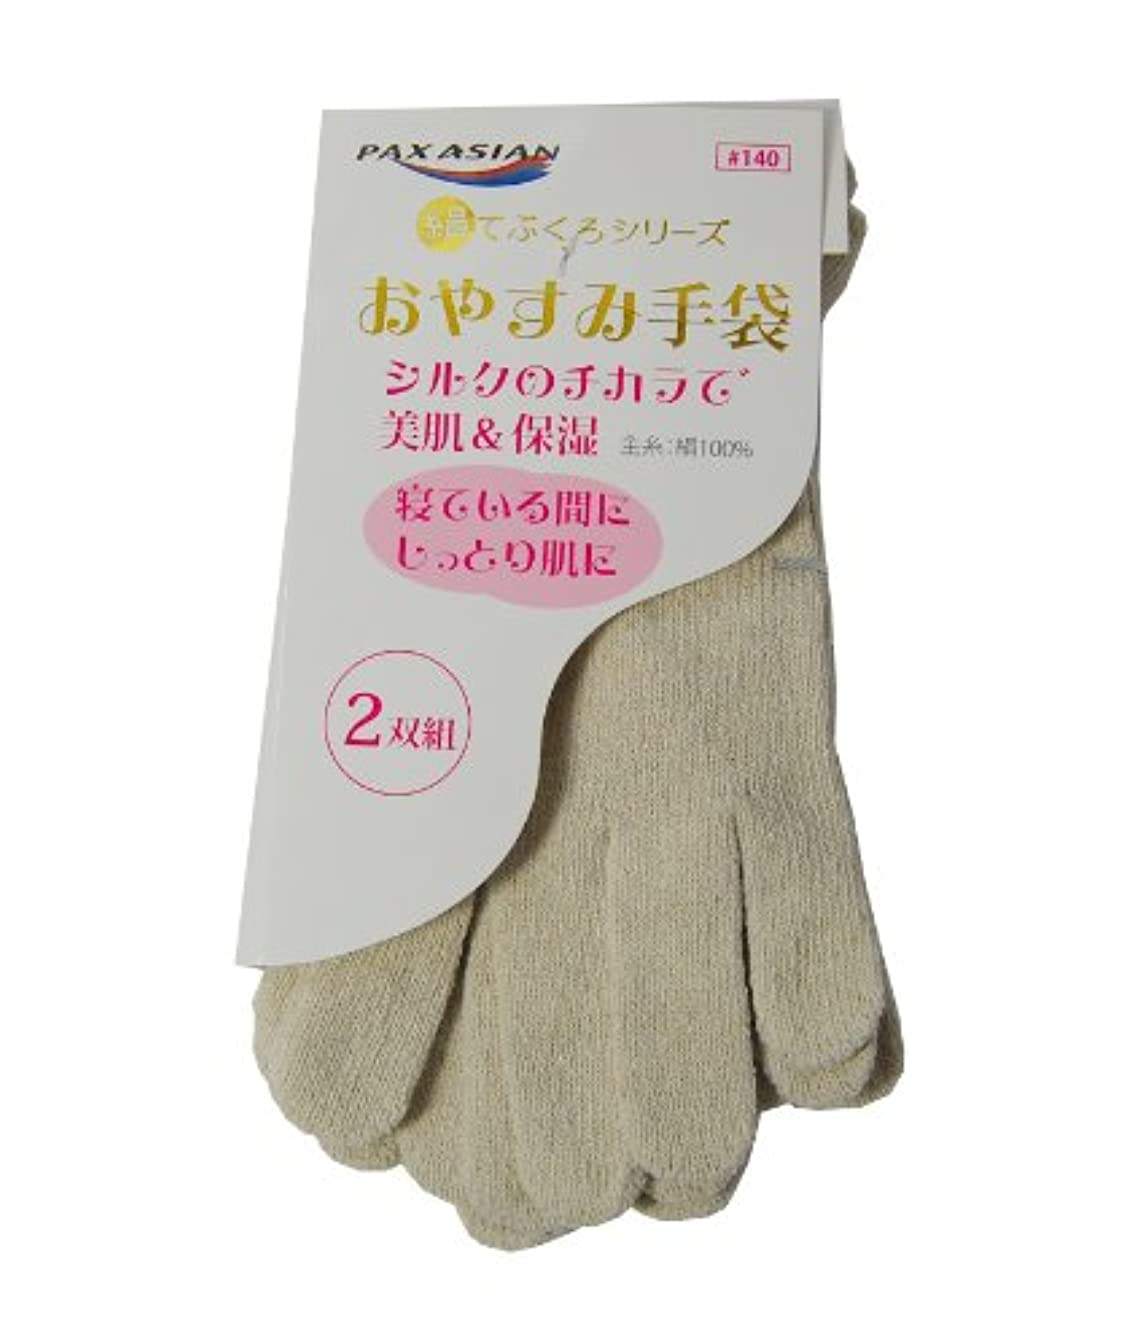 失効暗殺コントラストPAX-ASIAN おやすみ シルク手袋 フレアータイプ 絹 100% ソフト 婦人用 2双組 #140